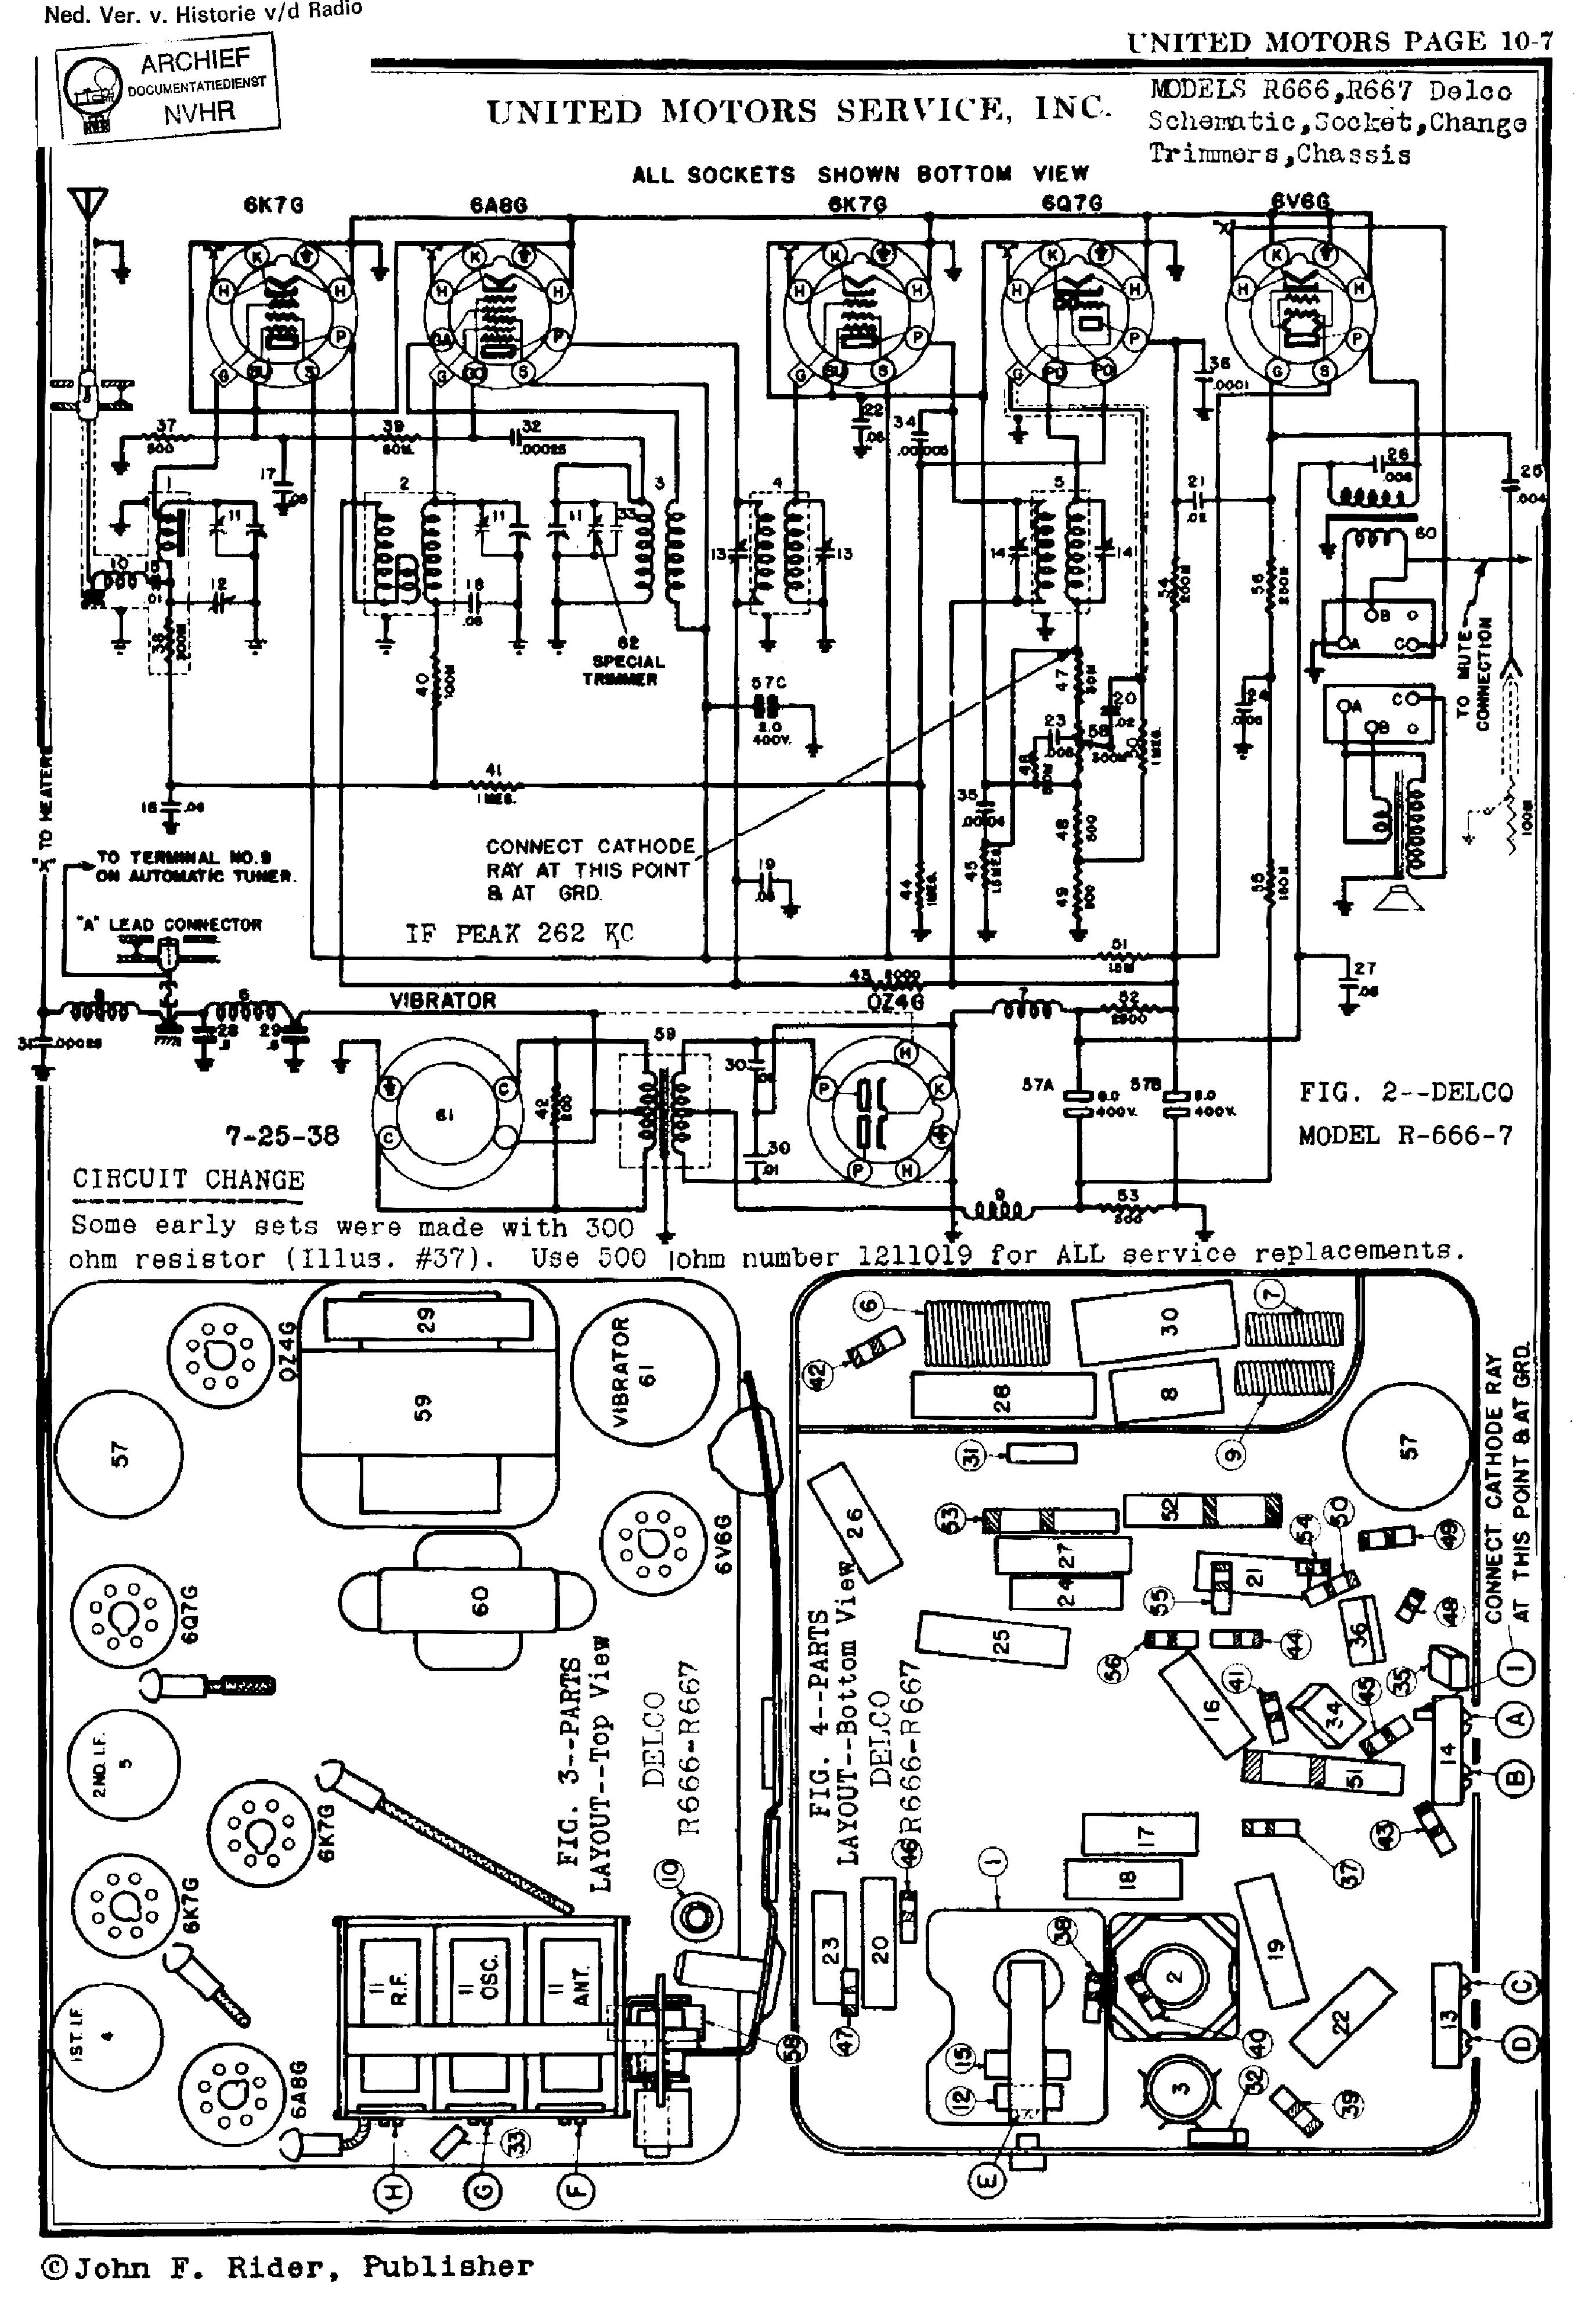 Delco Factory Radios Wiring Diagram